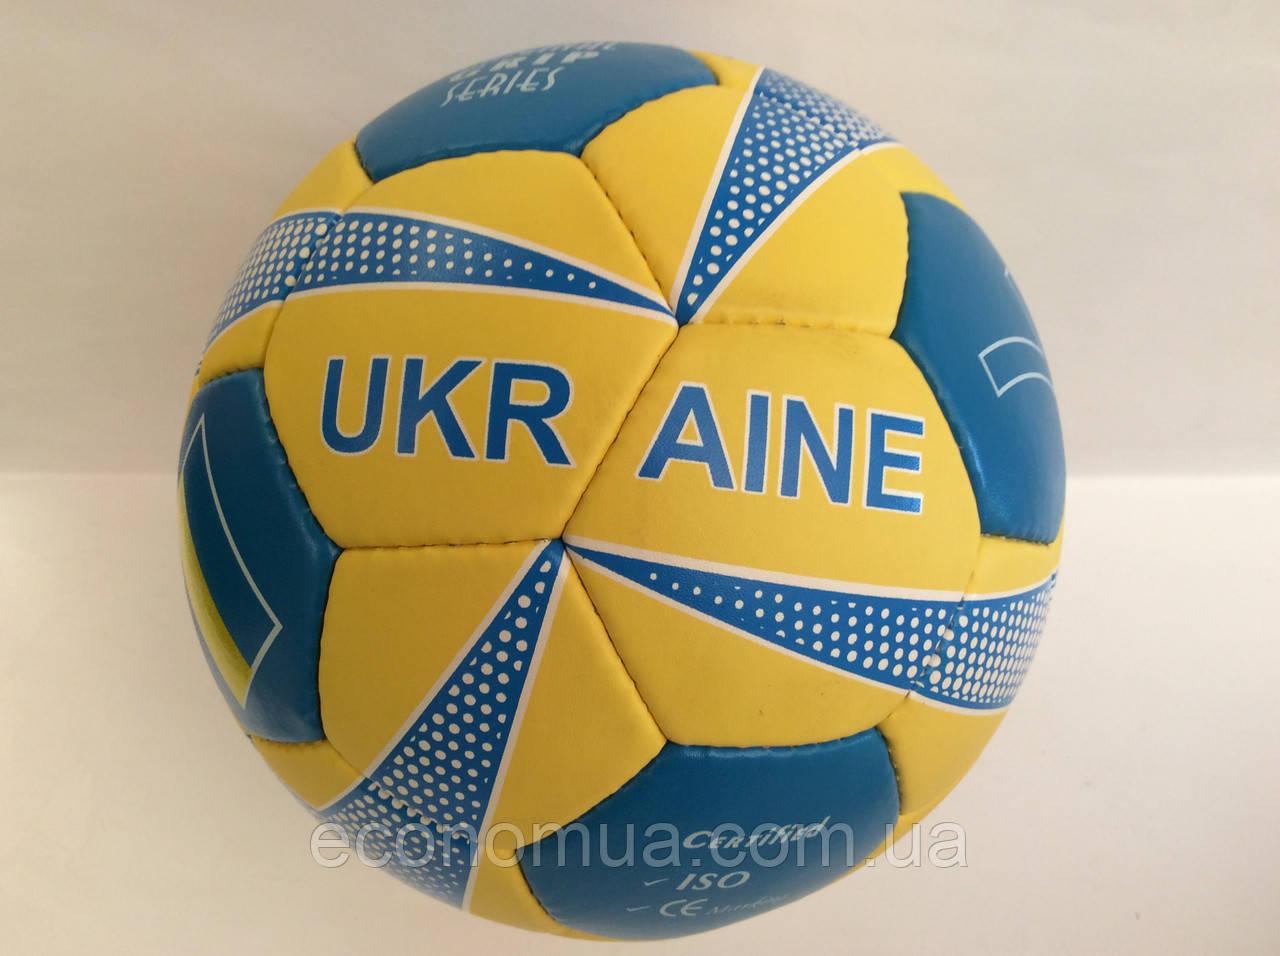 """Мяч футбольный с символикой """"UKRAINE"""""""